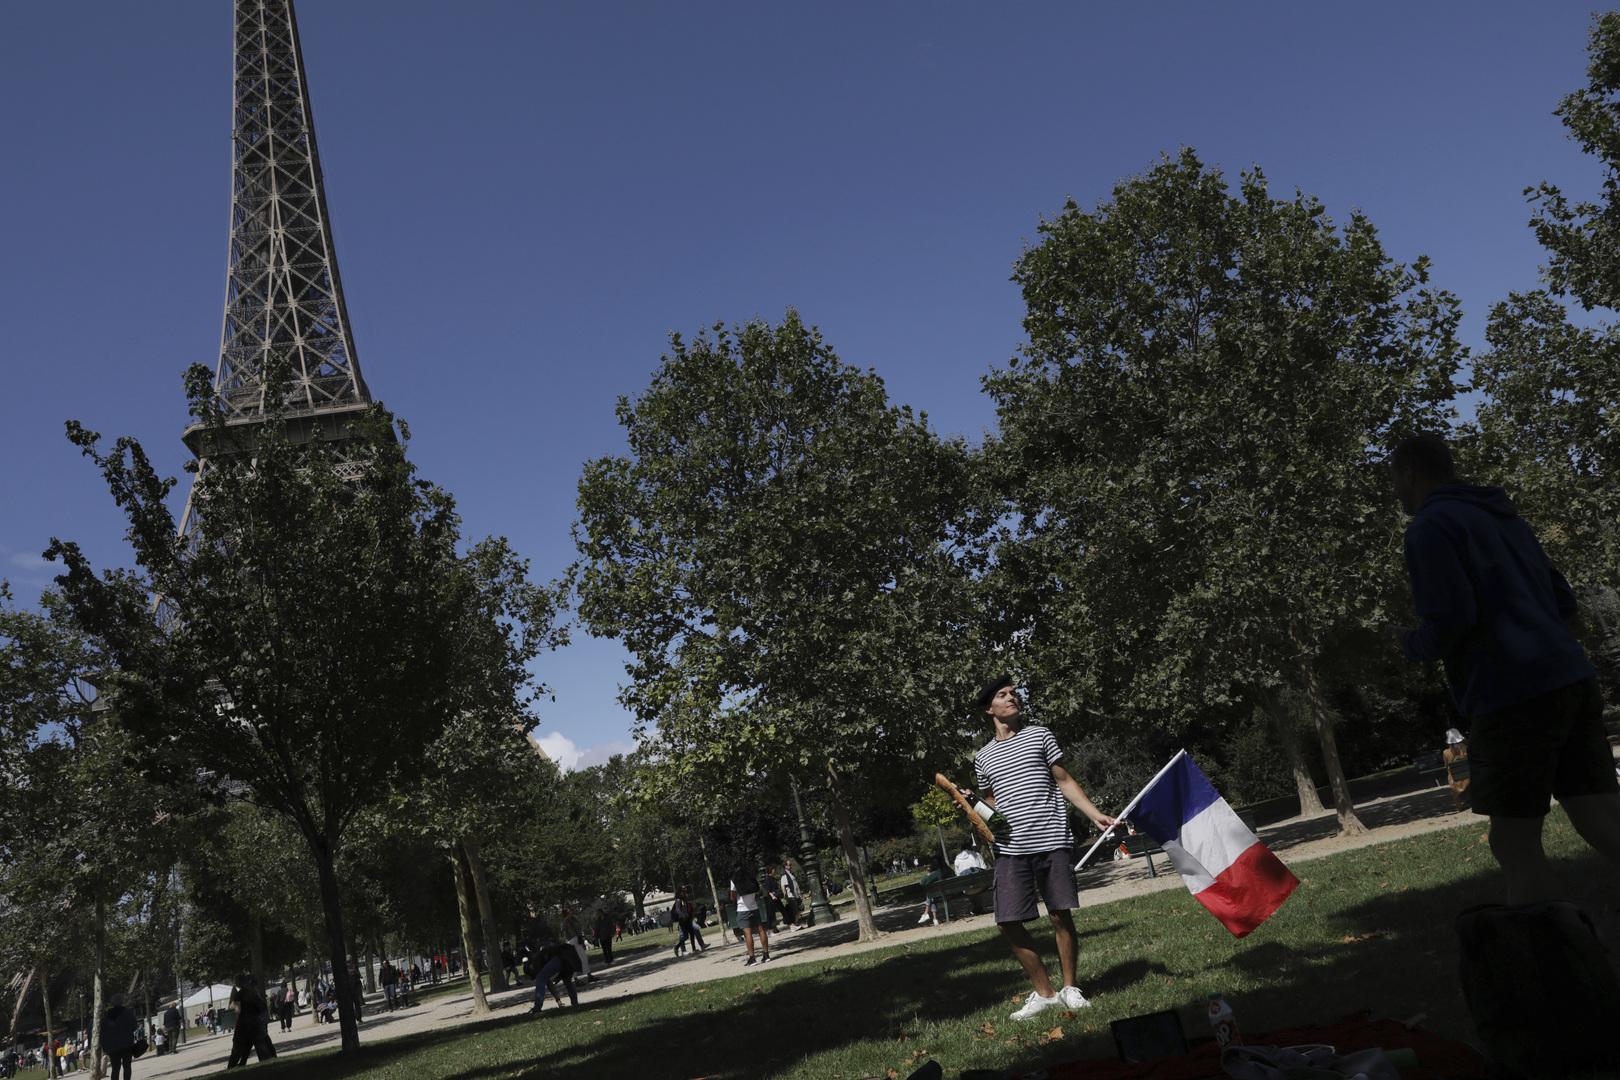 صفقة الغواصات.. فرنسا تؤكد أن أستراليا خدعتها بكلام معسول قبل أن توجه ضربتها والأخيرة تنفي